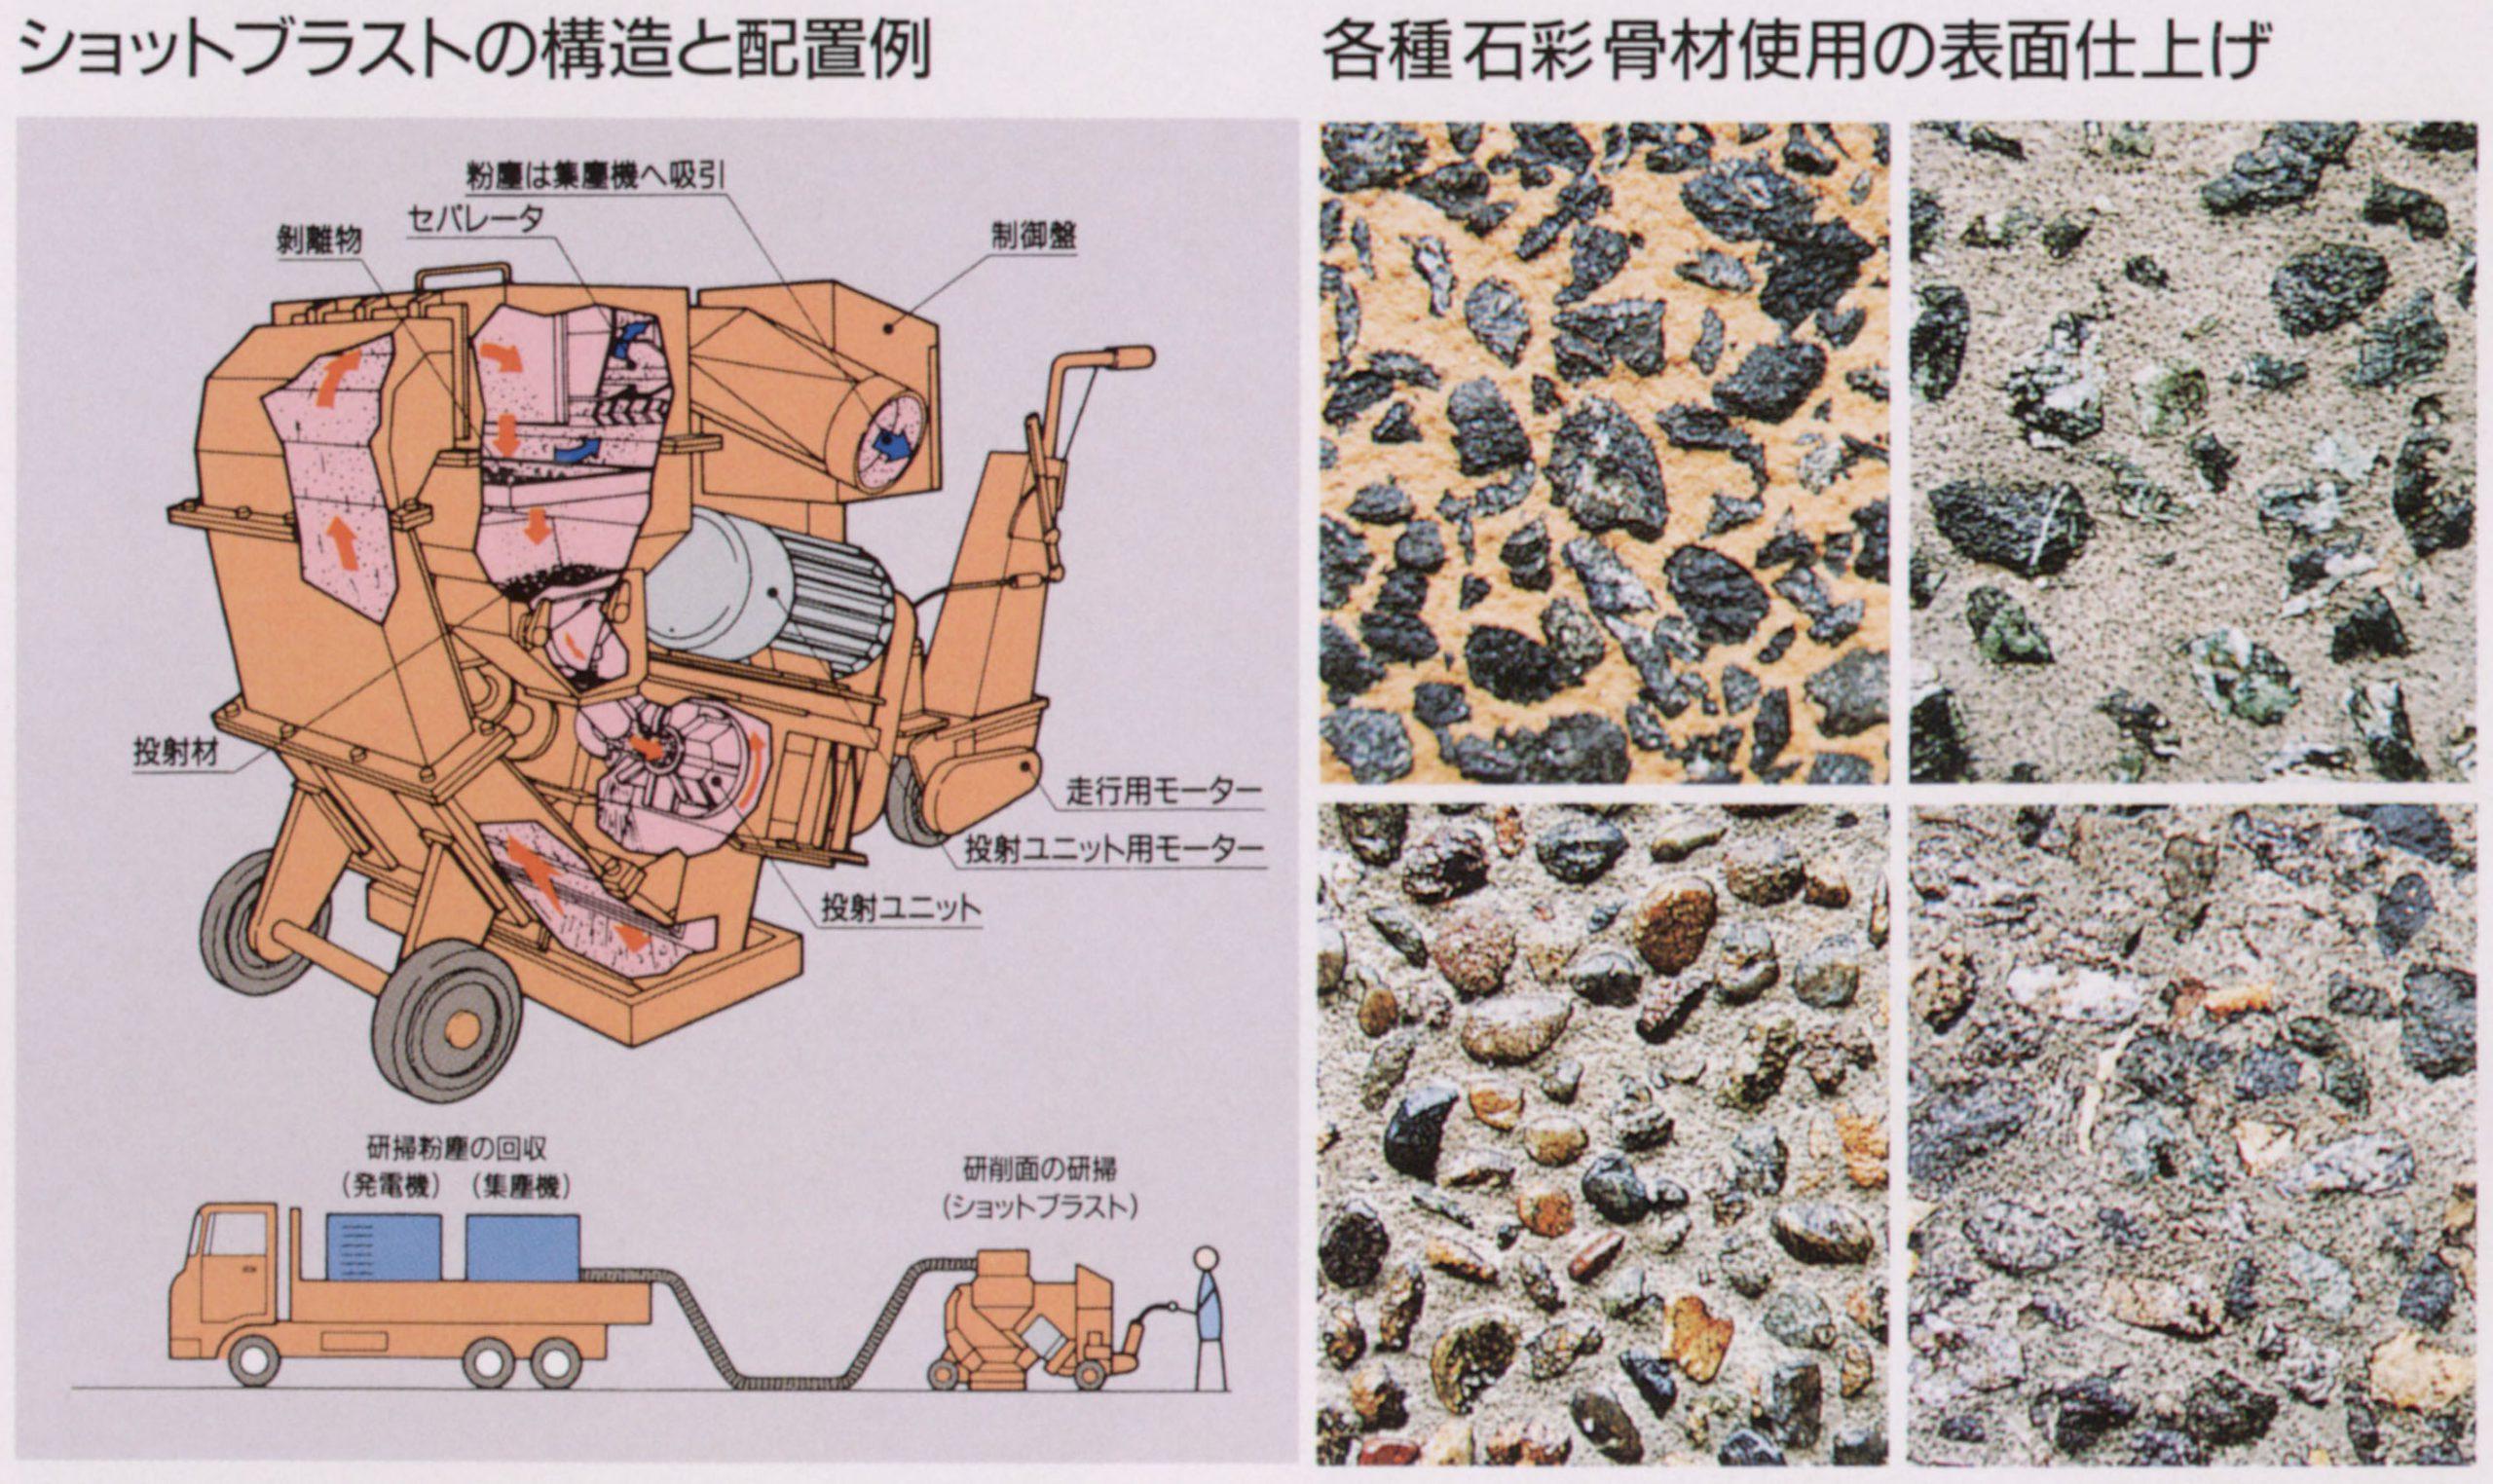 地域の骨材を使用することで地域の特性を演出